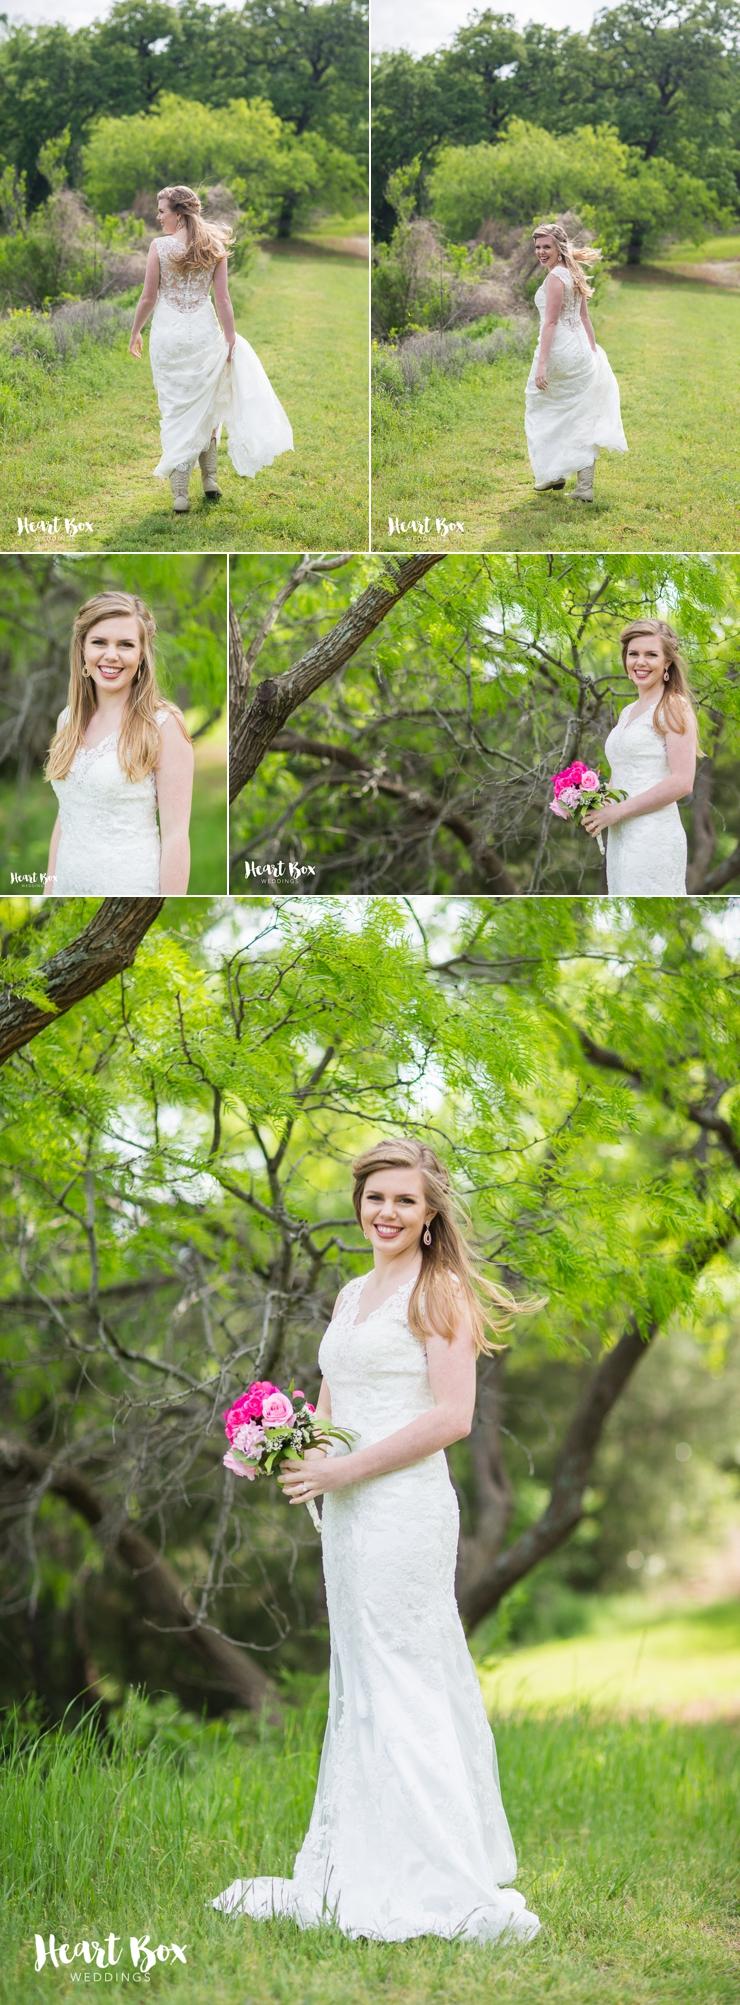 Sterling Bridal Blog Collages 4.jpg